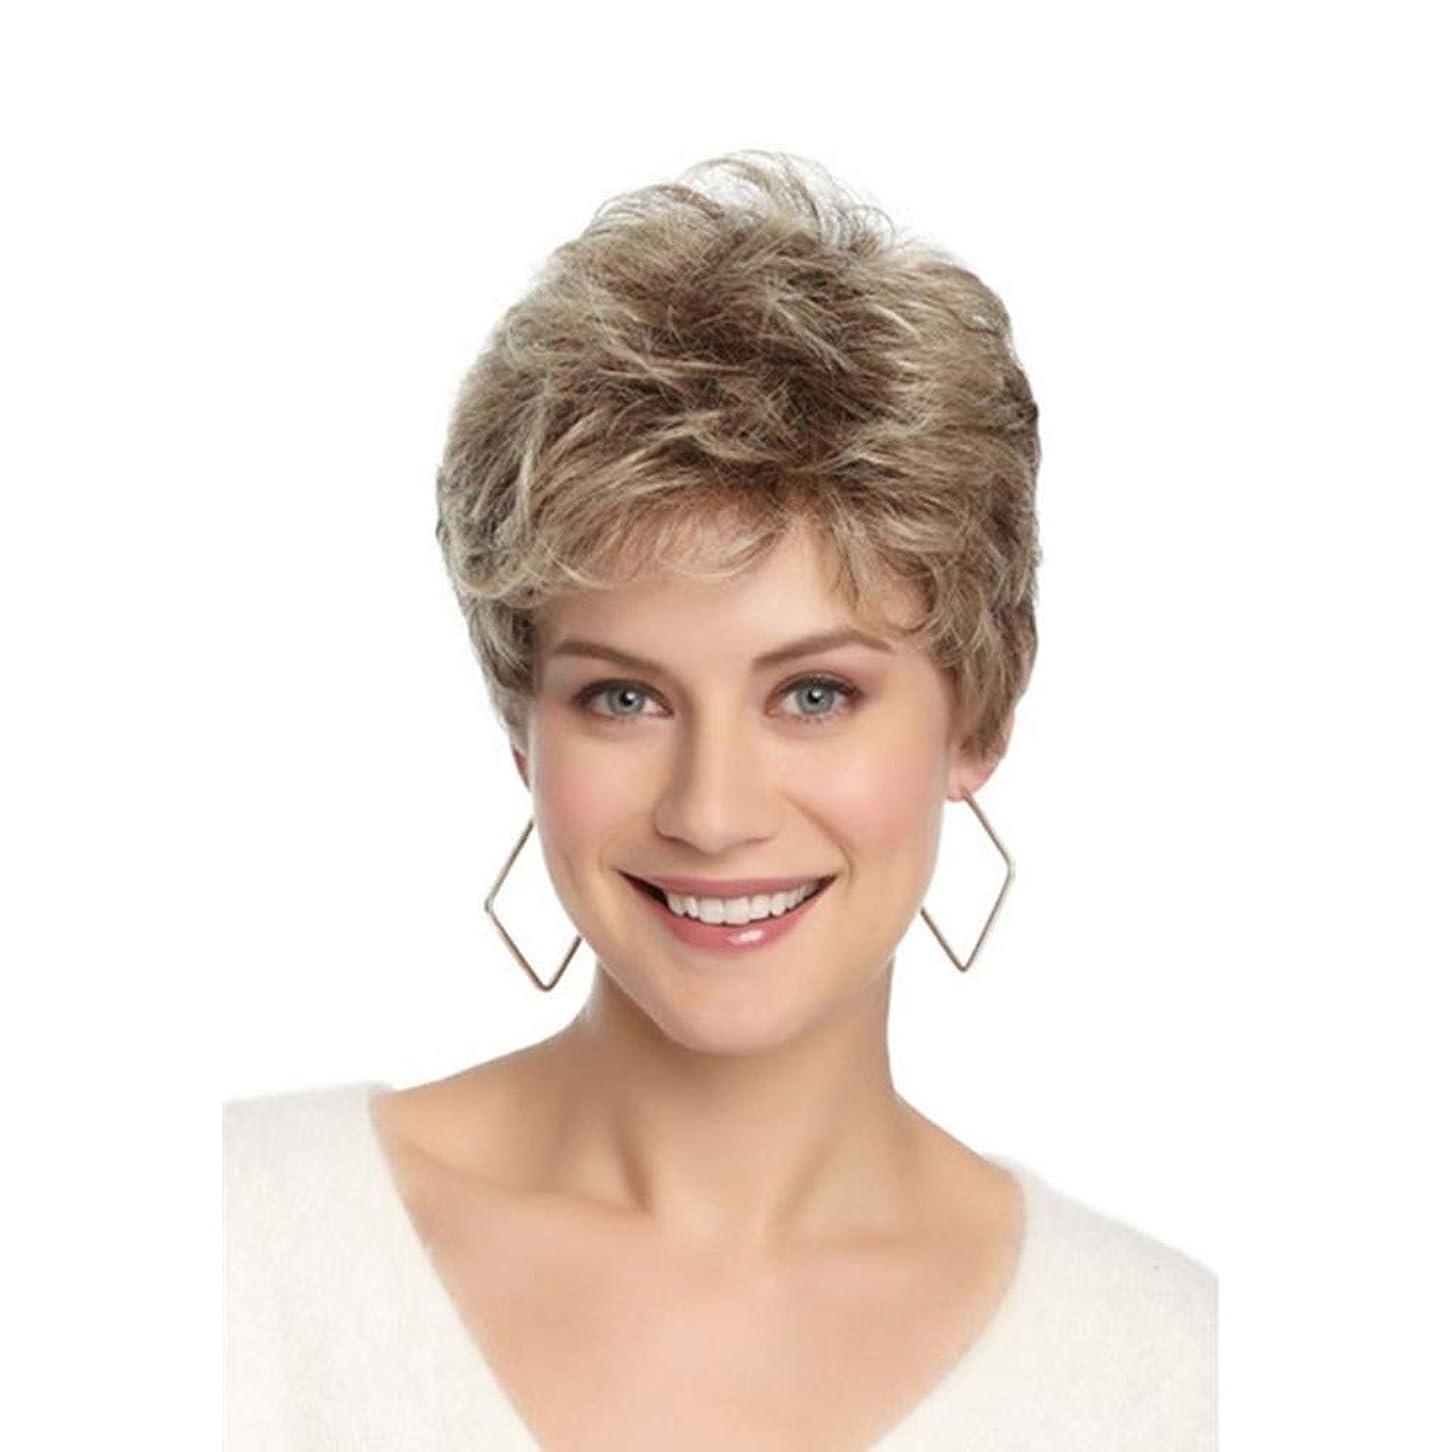 バー重々しい資本主義WASAIO 女性の金髪カーリーウィッグ耐熱ナチュラル (色 : Blonde)